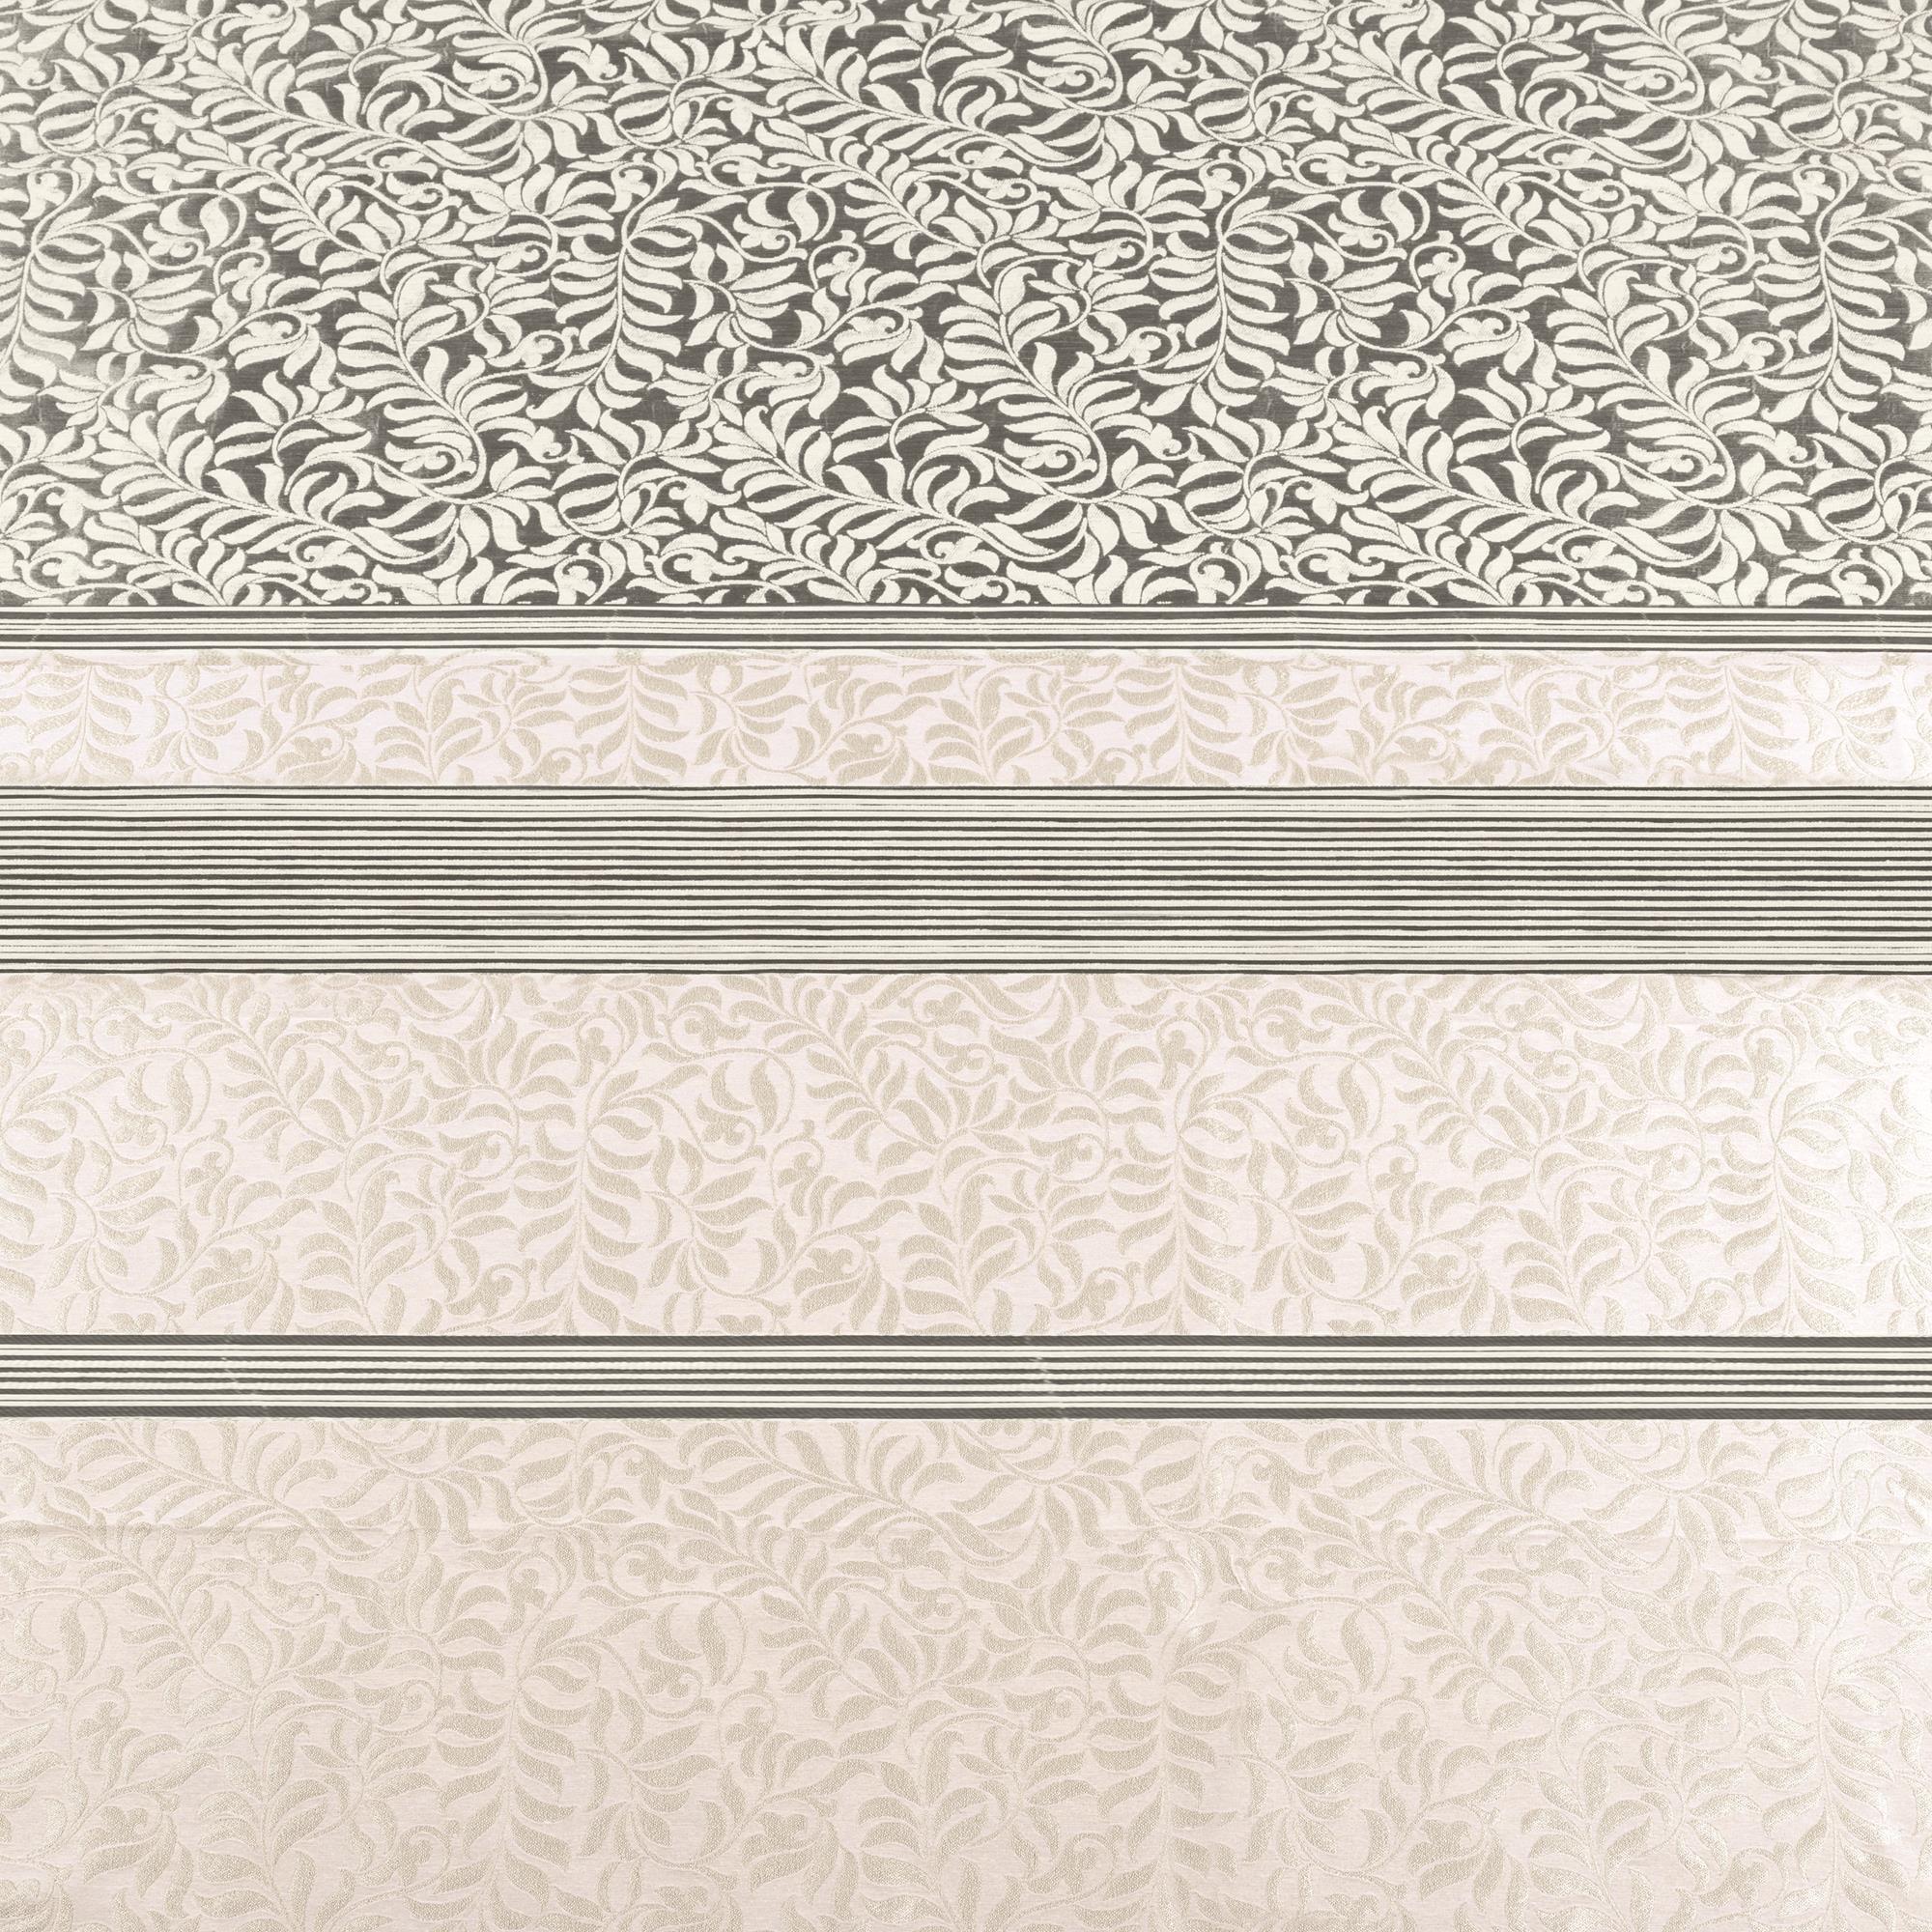 COLCHA BOUTI VELVET 085 - PLATA 80 cms